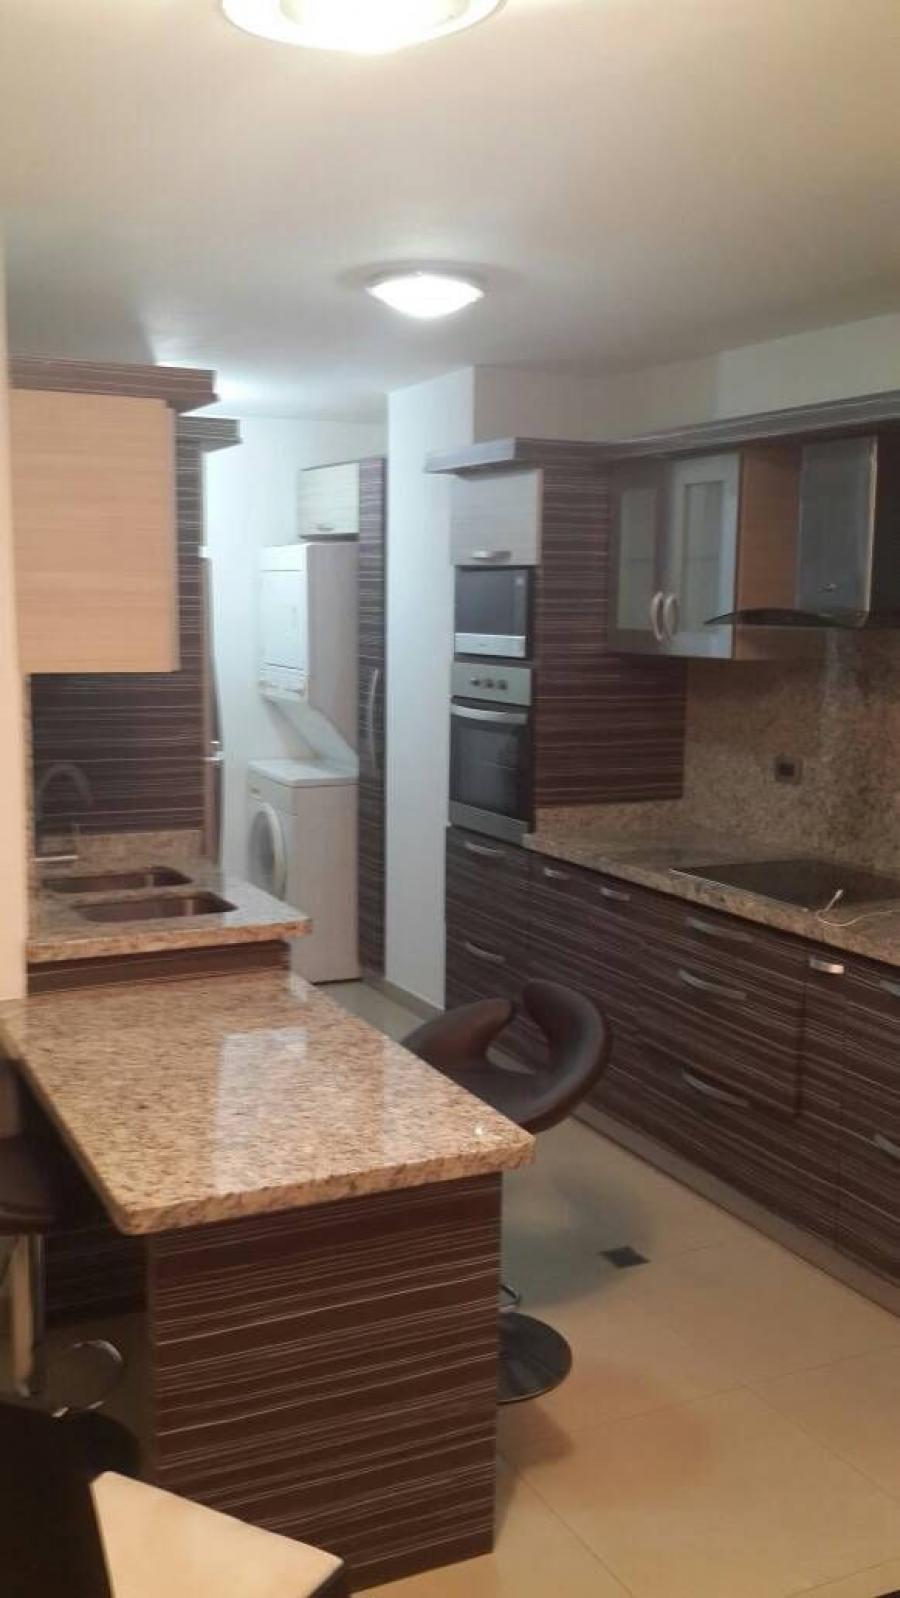 Foto Apartamento en Venta en Ciudad Guayana, Ciudad Guayana, Bol�var - U$D 65.000 - APV141766 - BienesOnLine